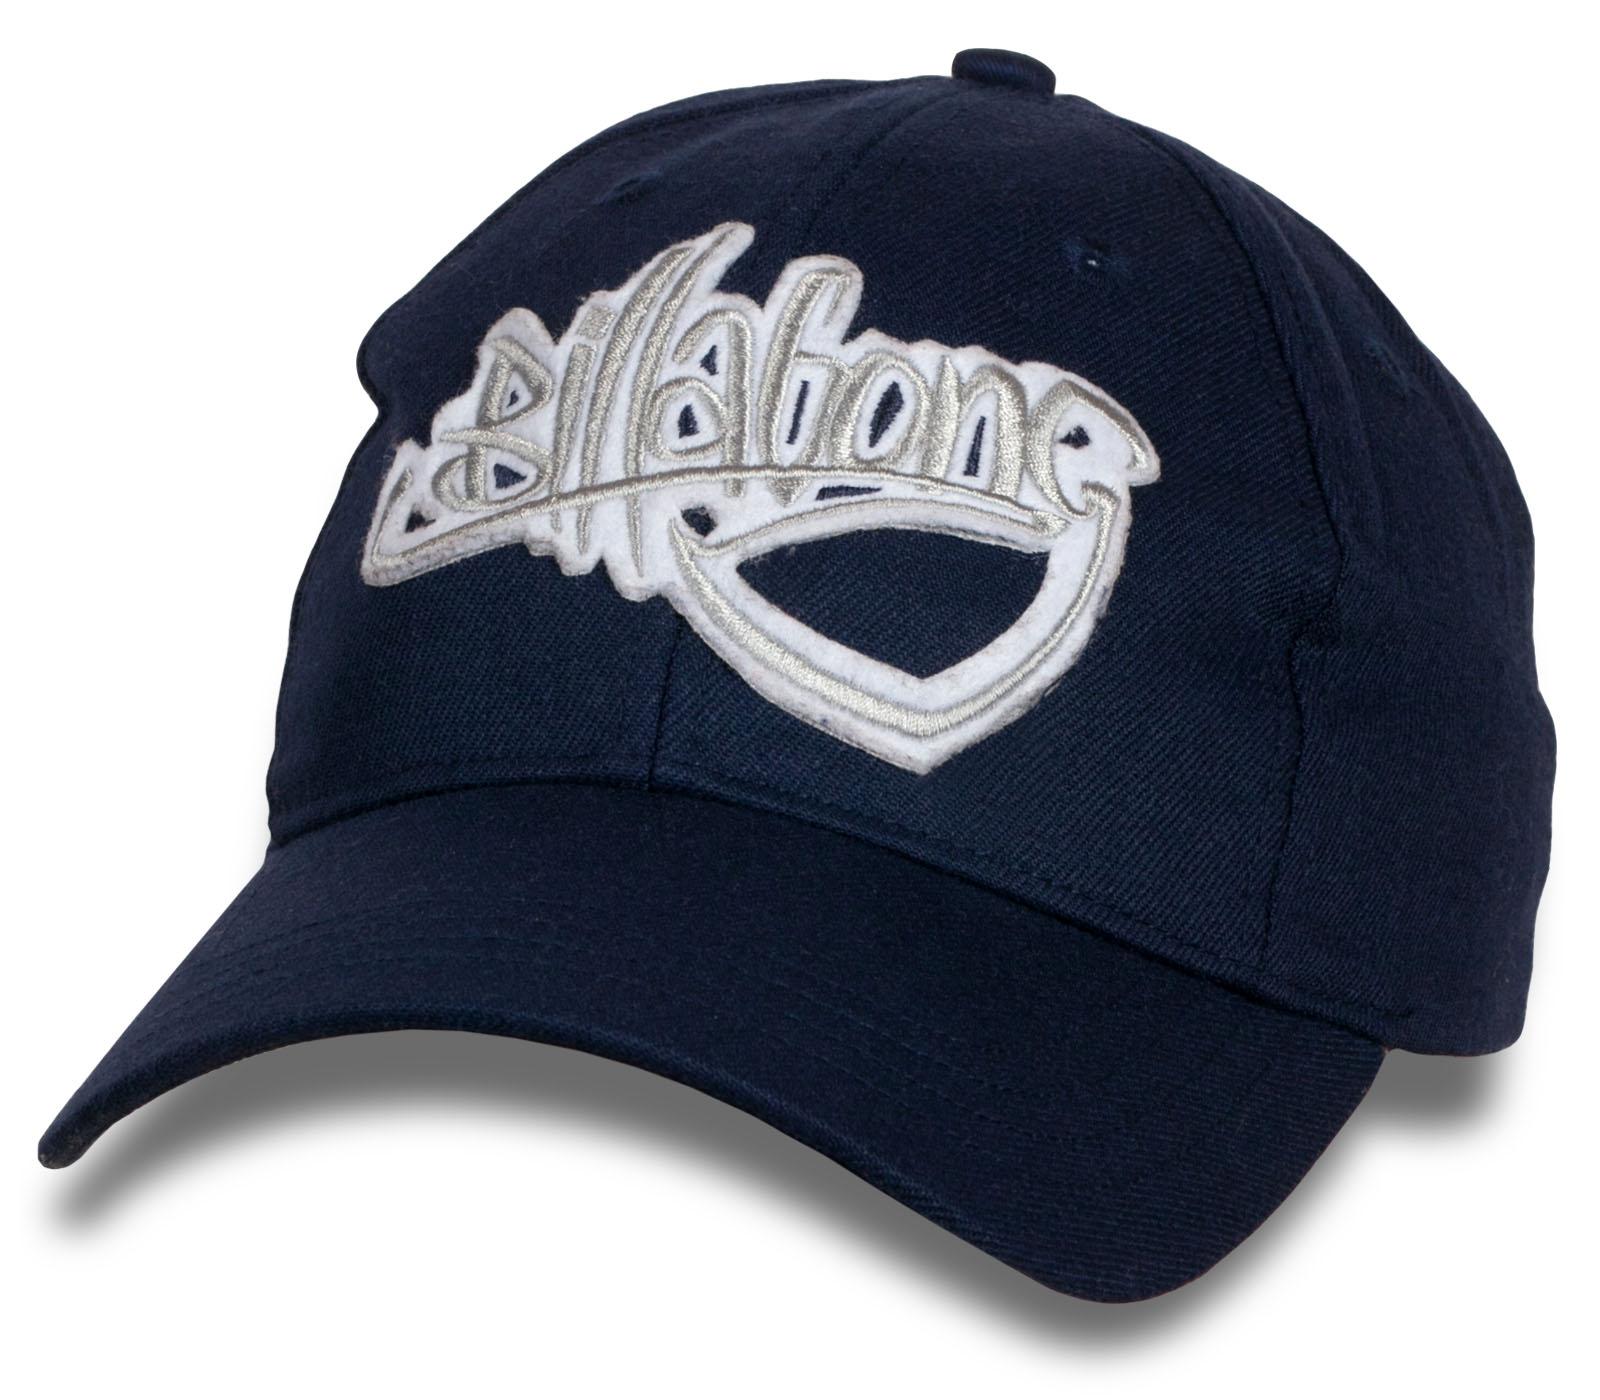 Модная бейсболка Billabong.